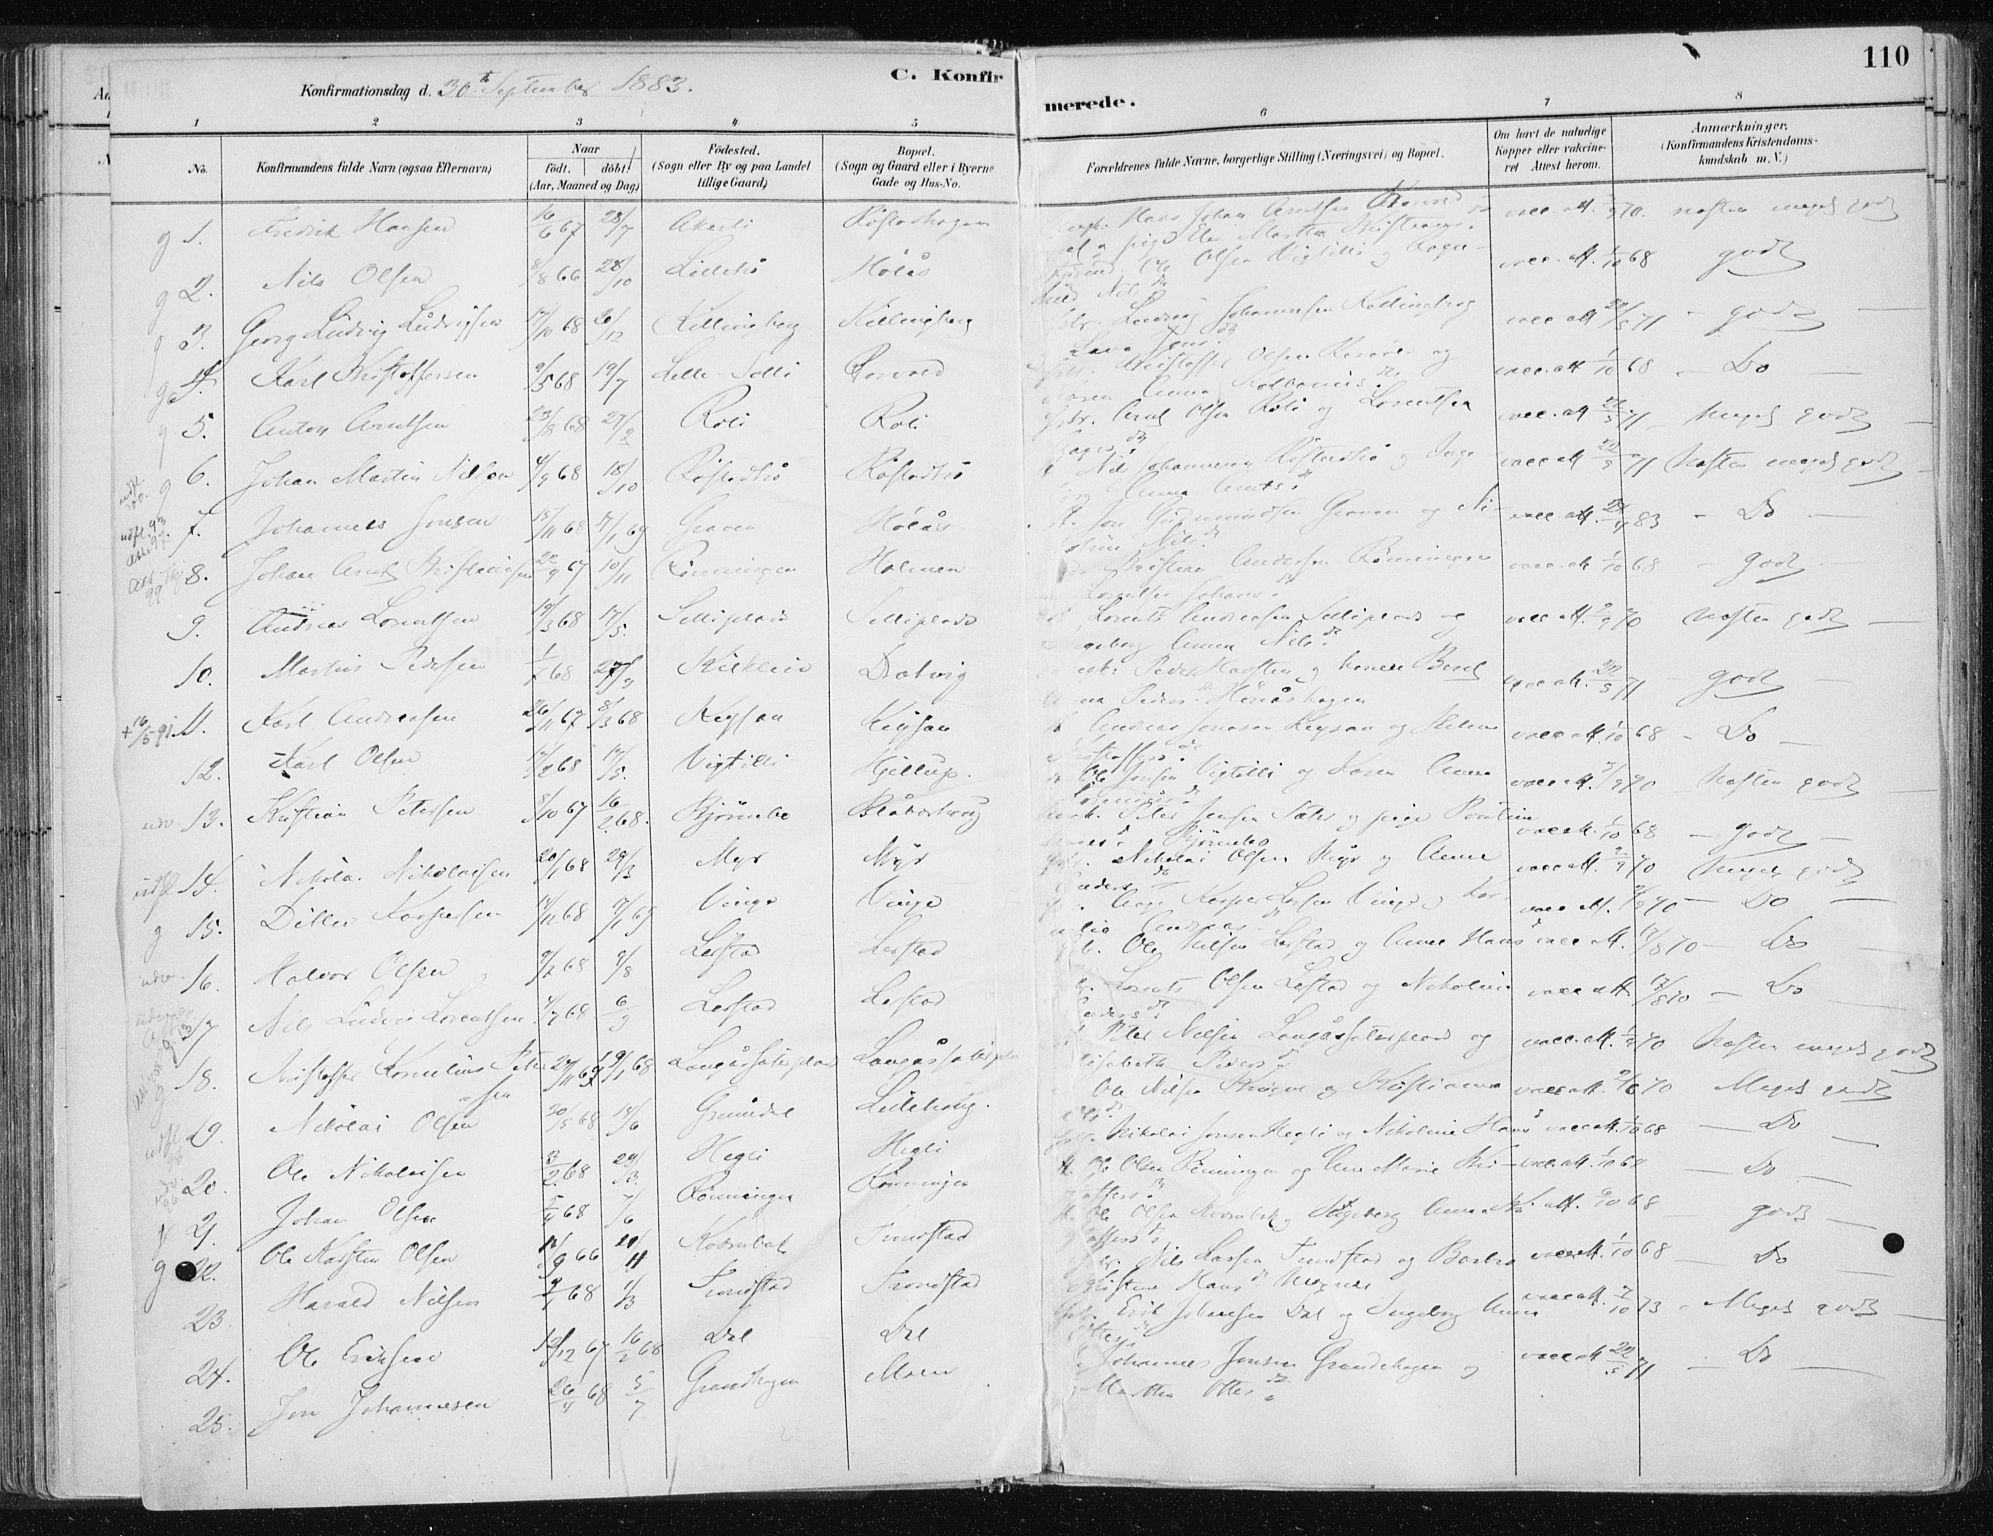 SAT, Ministerialprotokoller, klokkerbøker og fødselsregistre - Nord-Trøndelag, 701/L0010: Ministerialbok nr. 701A10, 1883-1899, s. 110